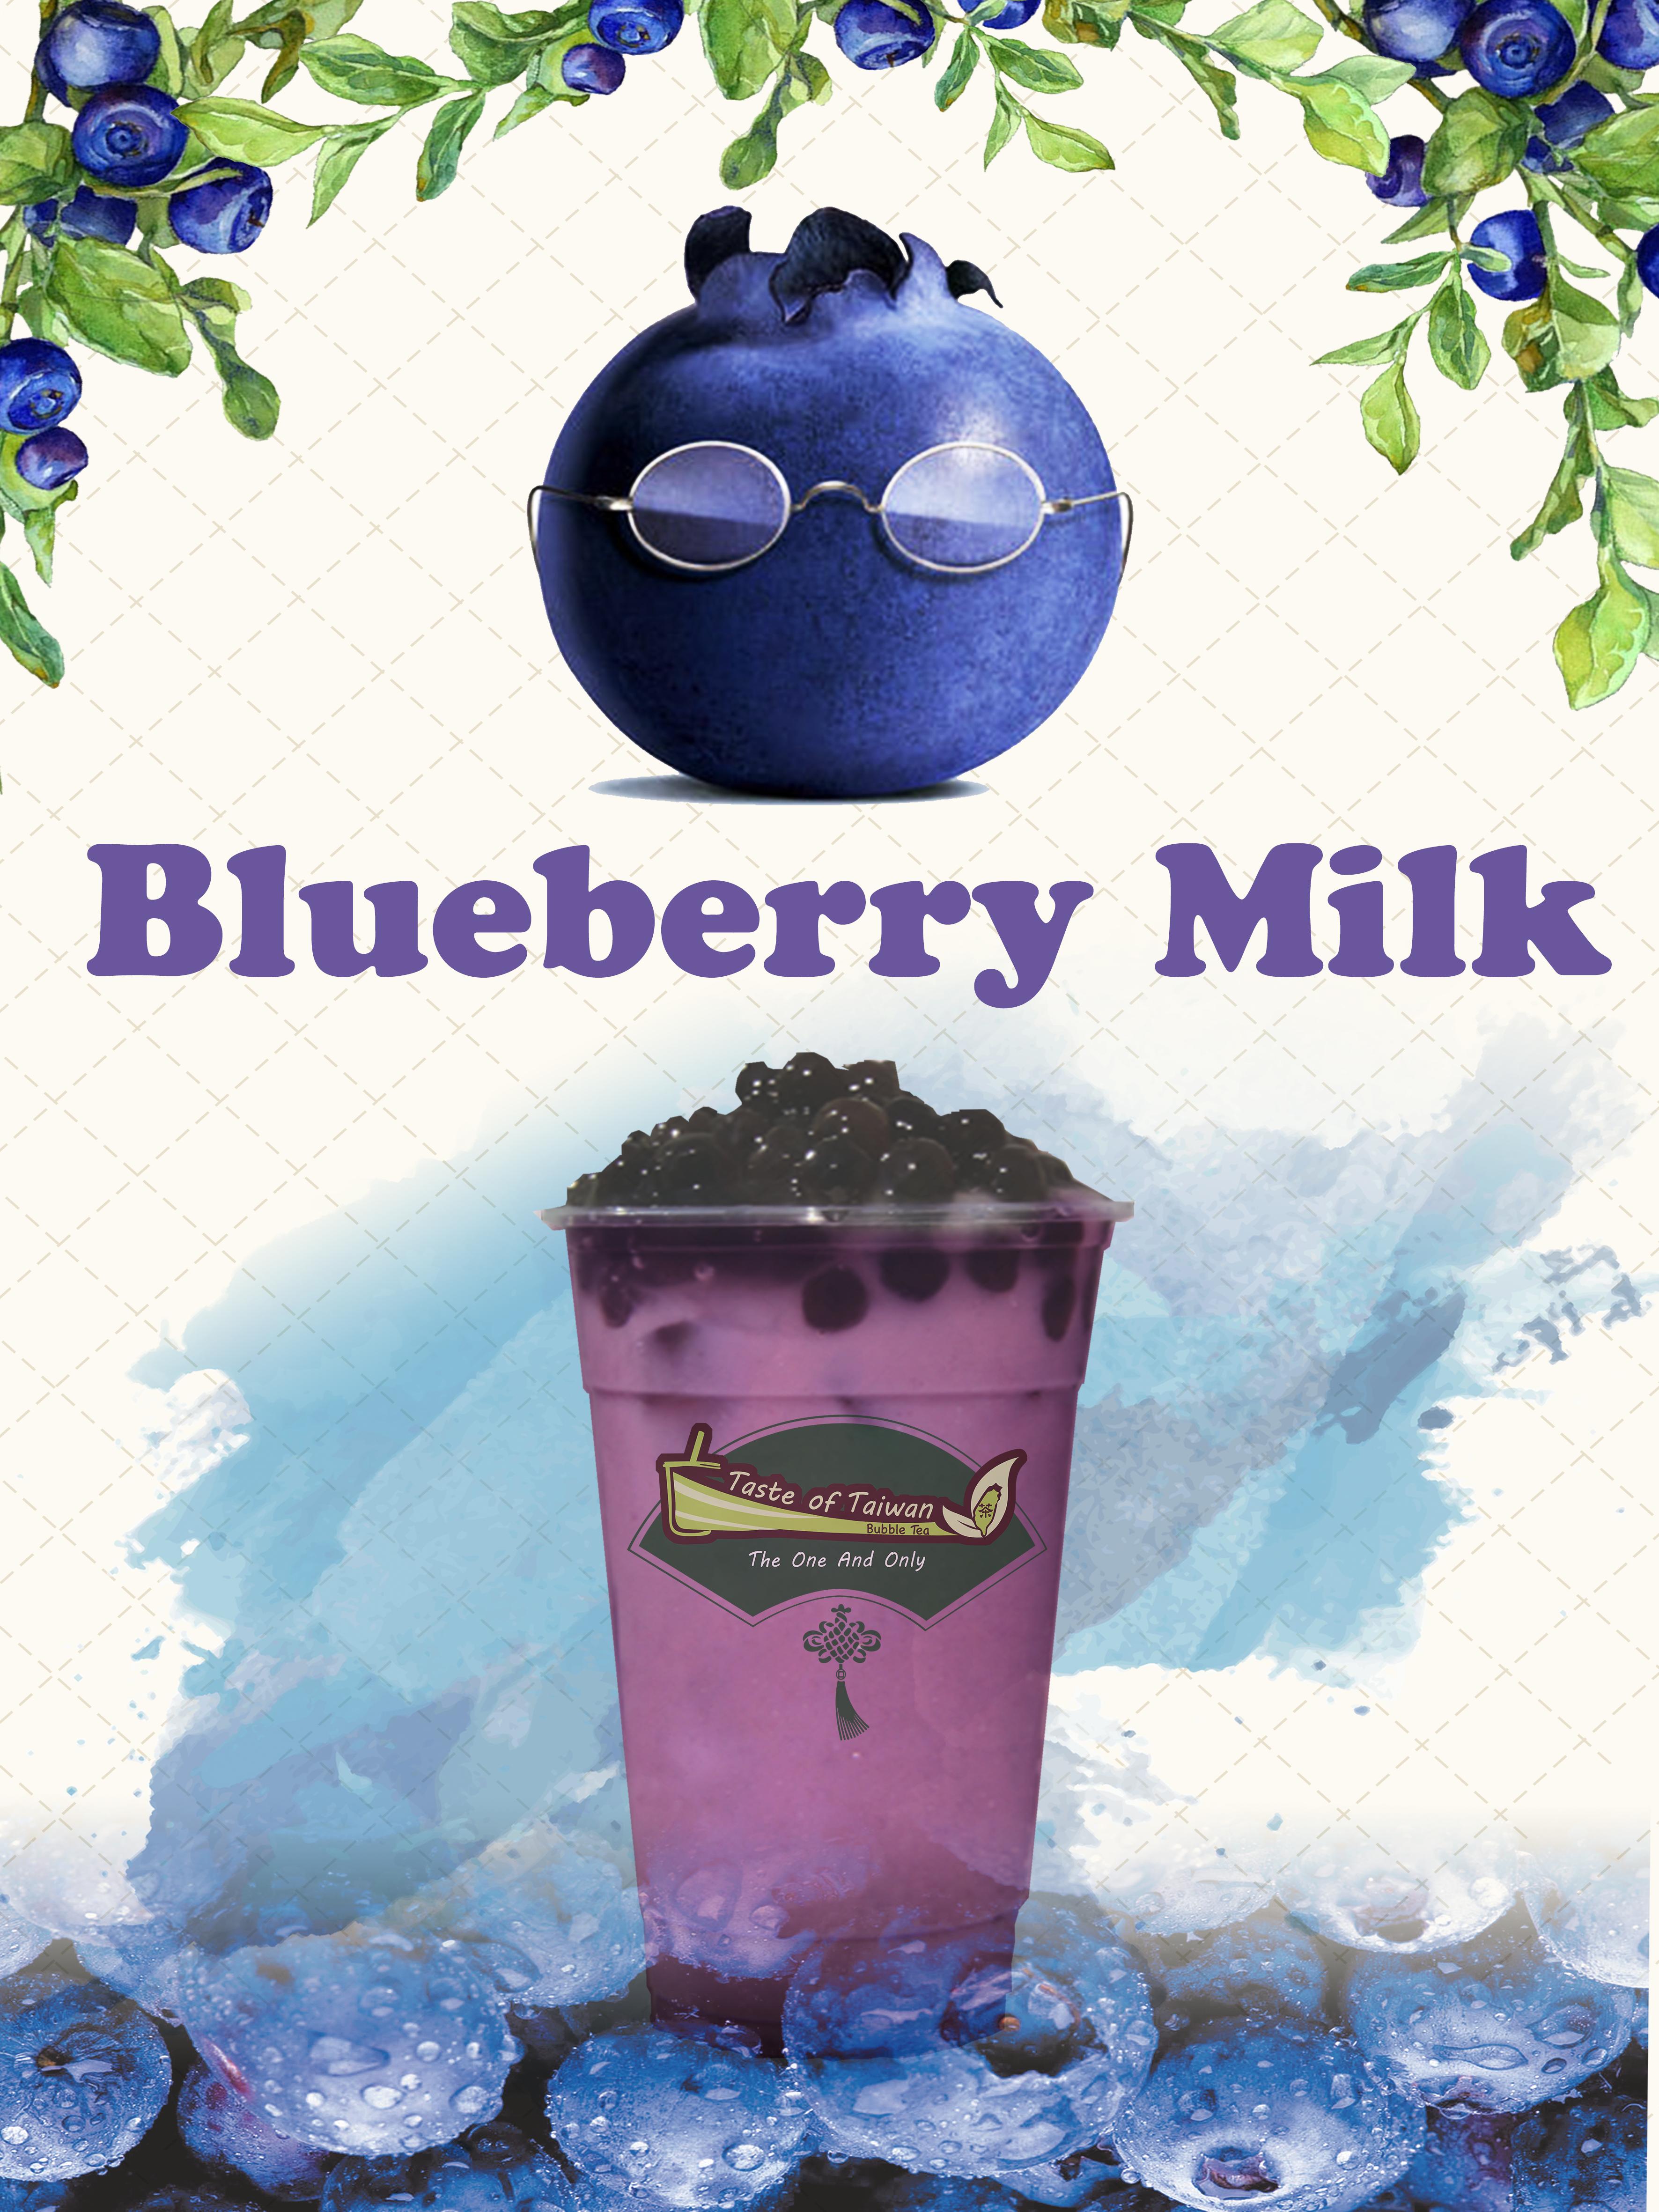 打印1张相纸 30x40cm 蓝莓